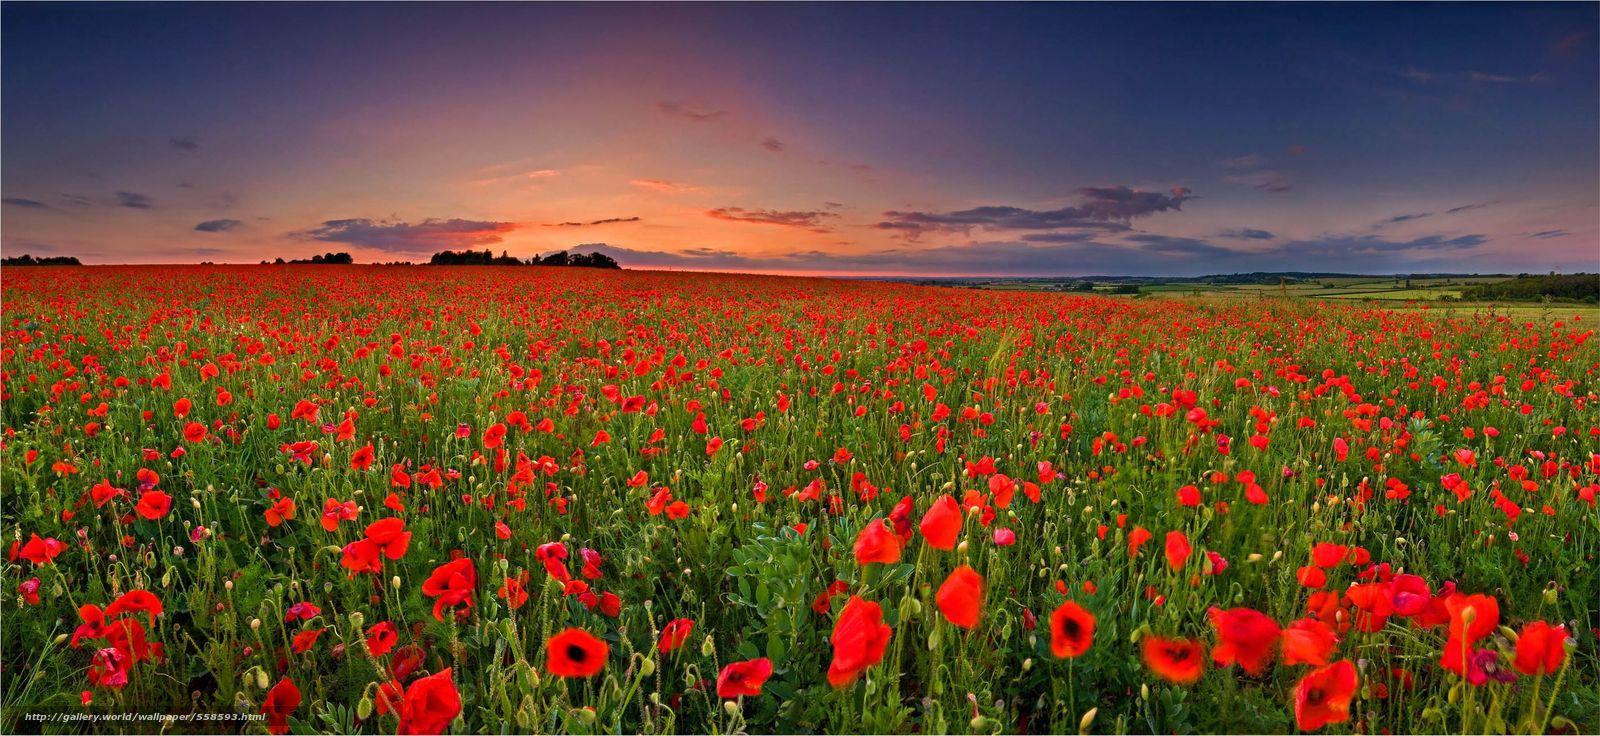 Tlcharger Fond d'ecran coucher du soleil,  domaine,  Fleurs,  paysage Fonds d'ecran gratuits pour votre rsolution du bureau 2781x1279 — image №558593